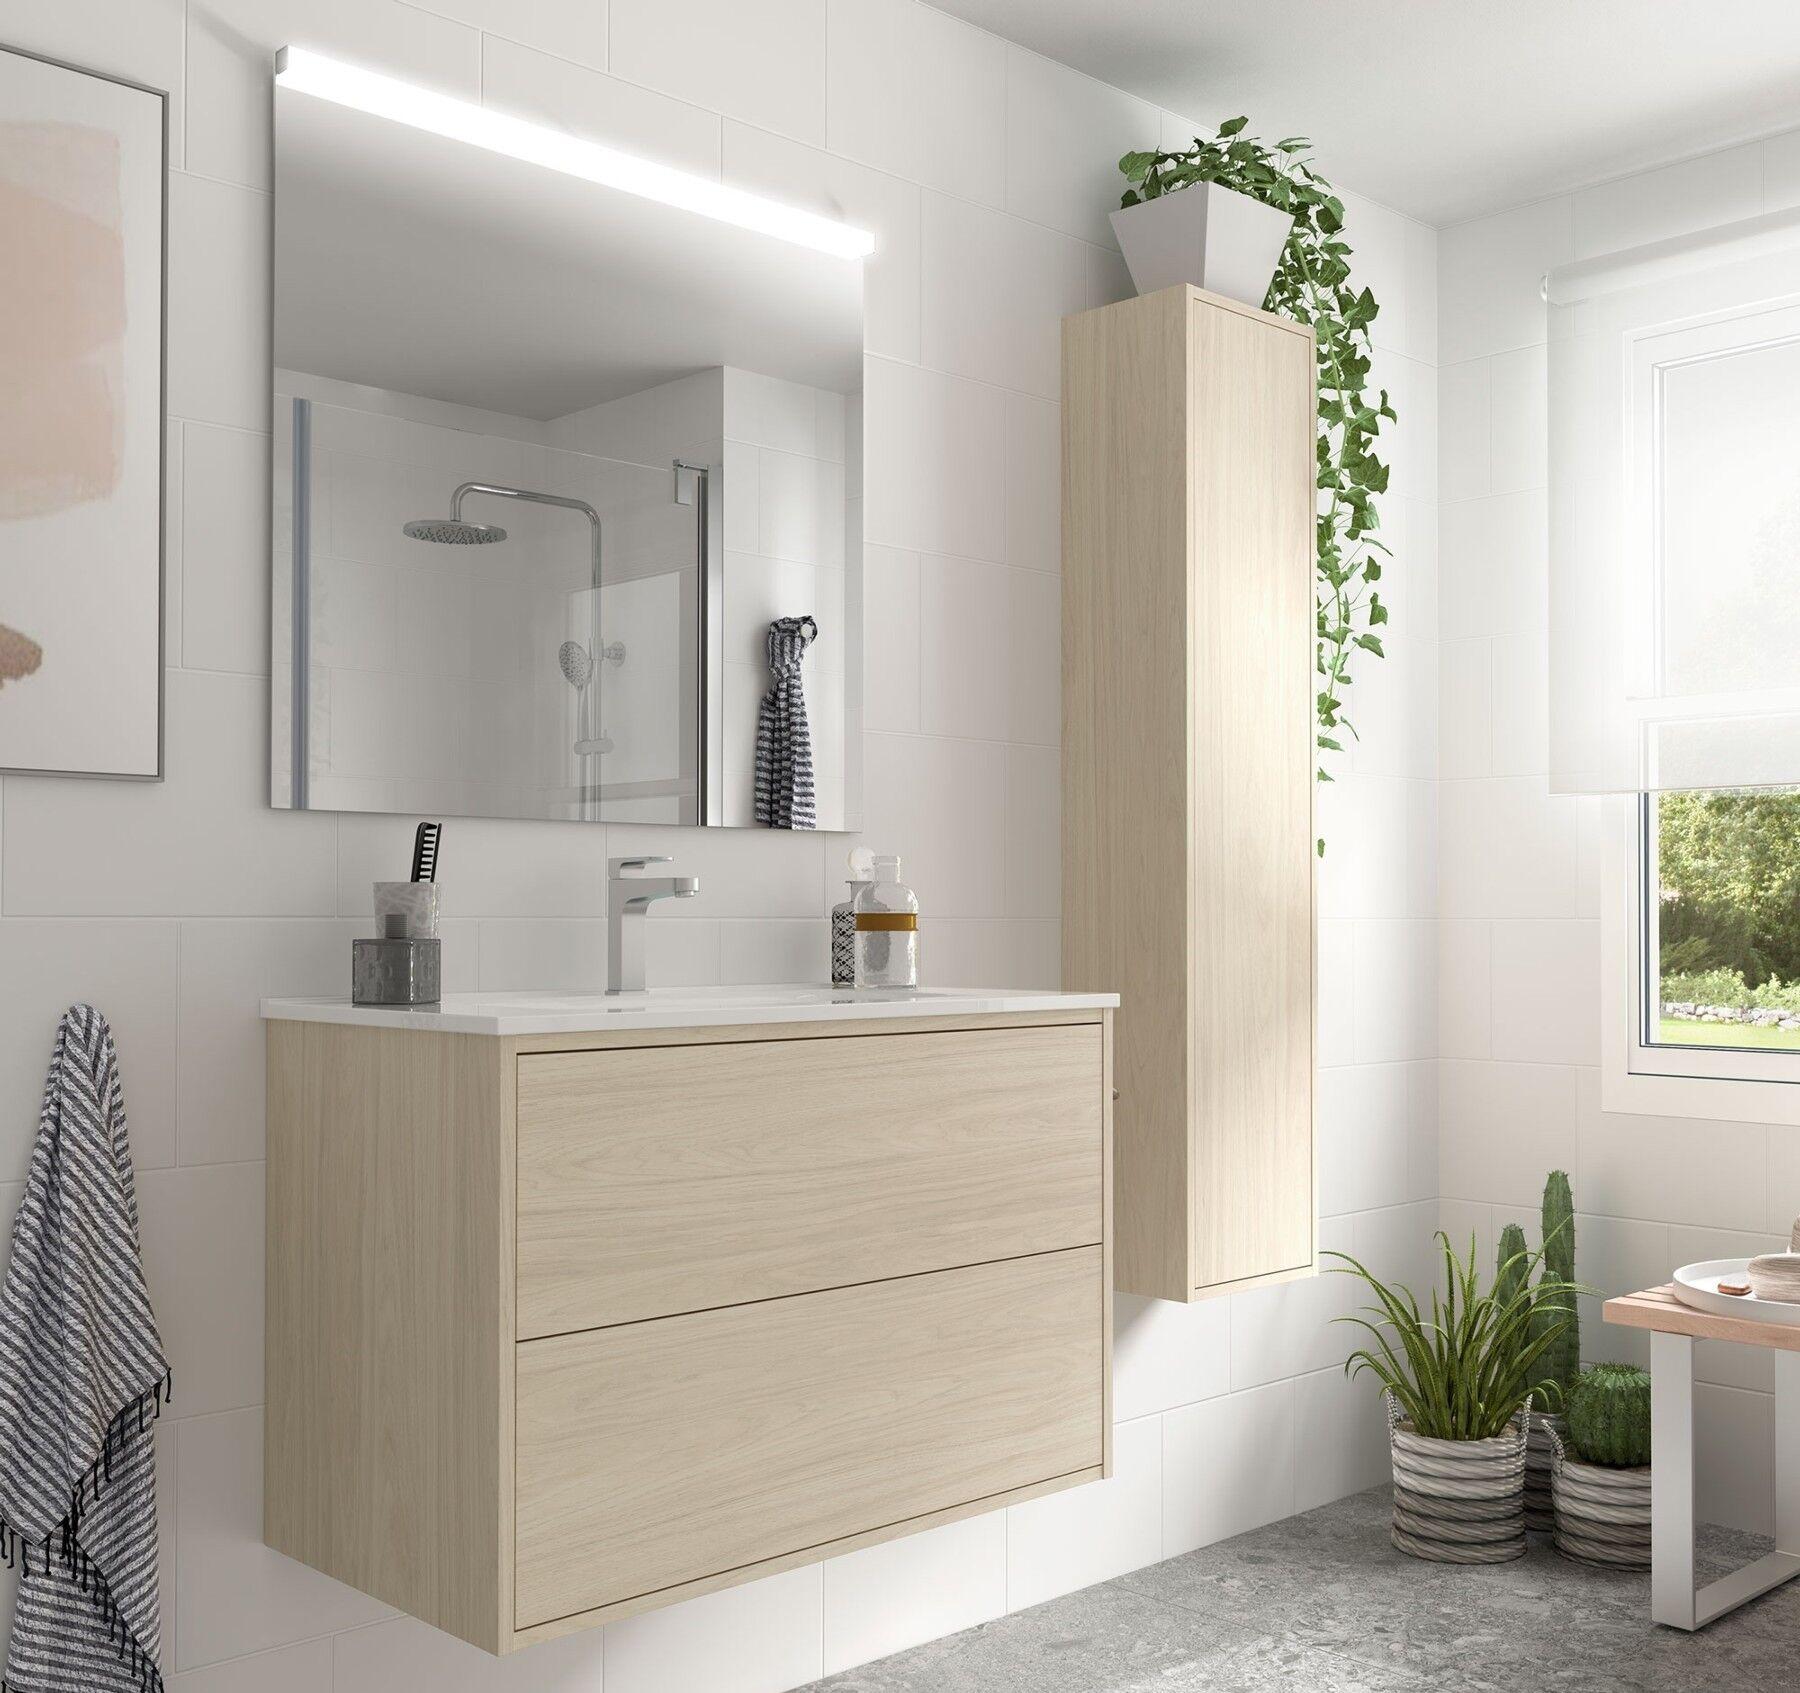 caesaroo mobile bagno sospeso 80 cm ulisse in legno colore nordik con lavabo in porcellana   80 cm - con colonna